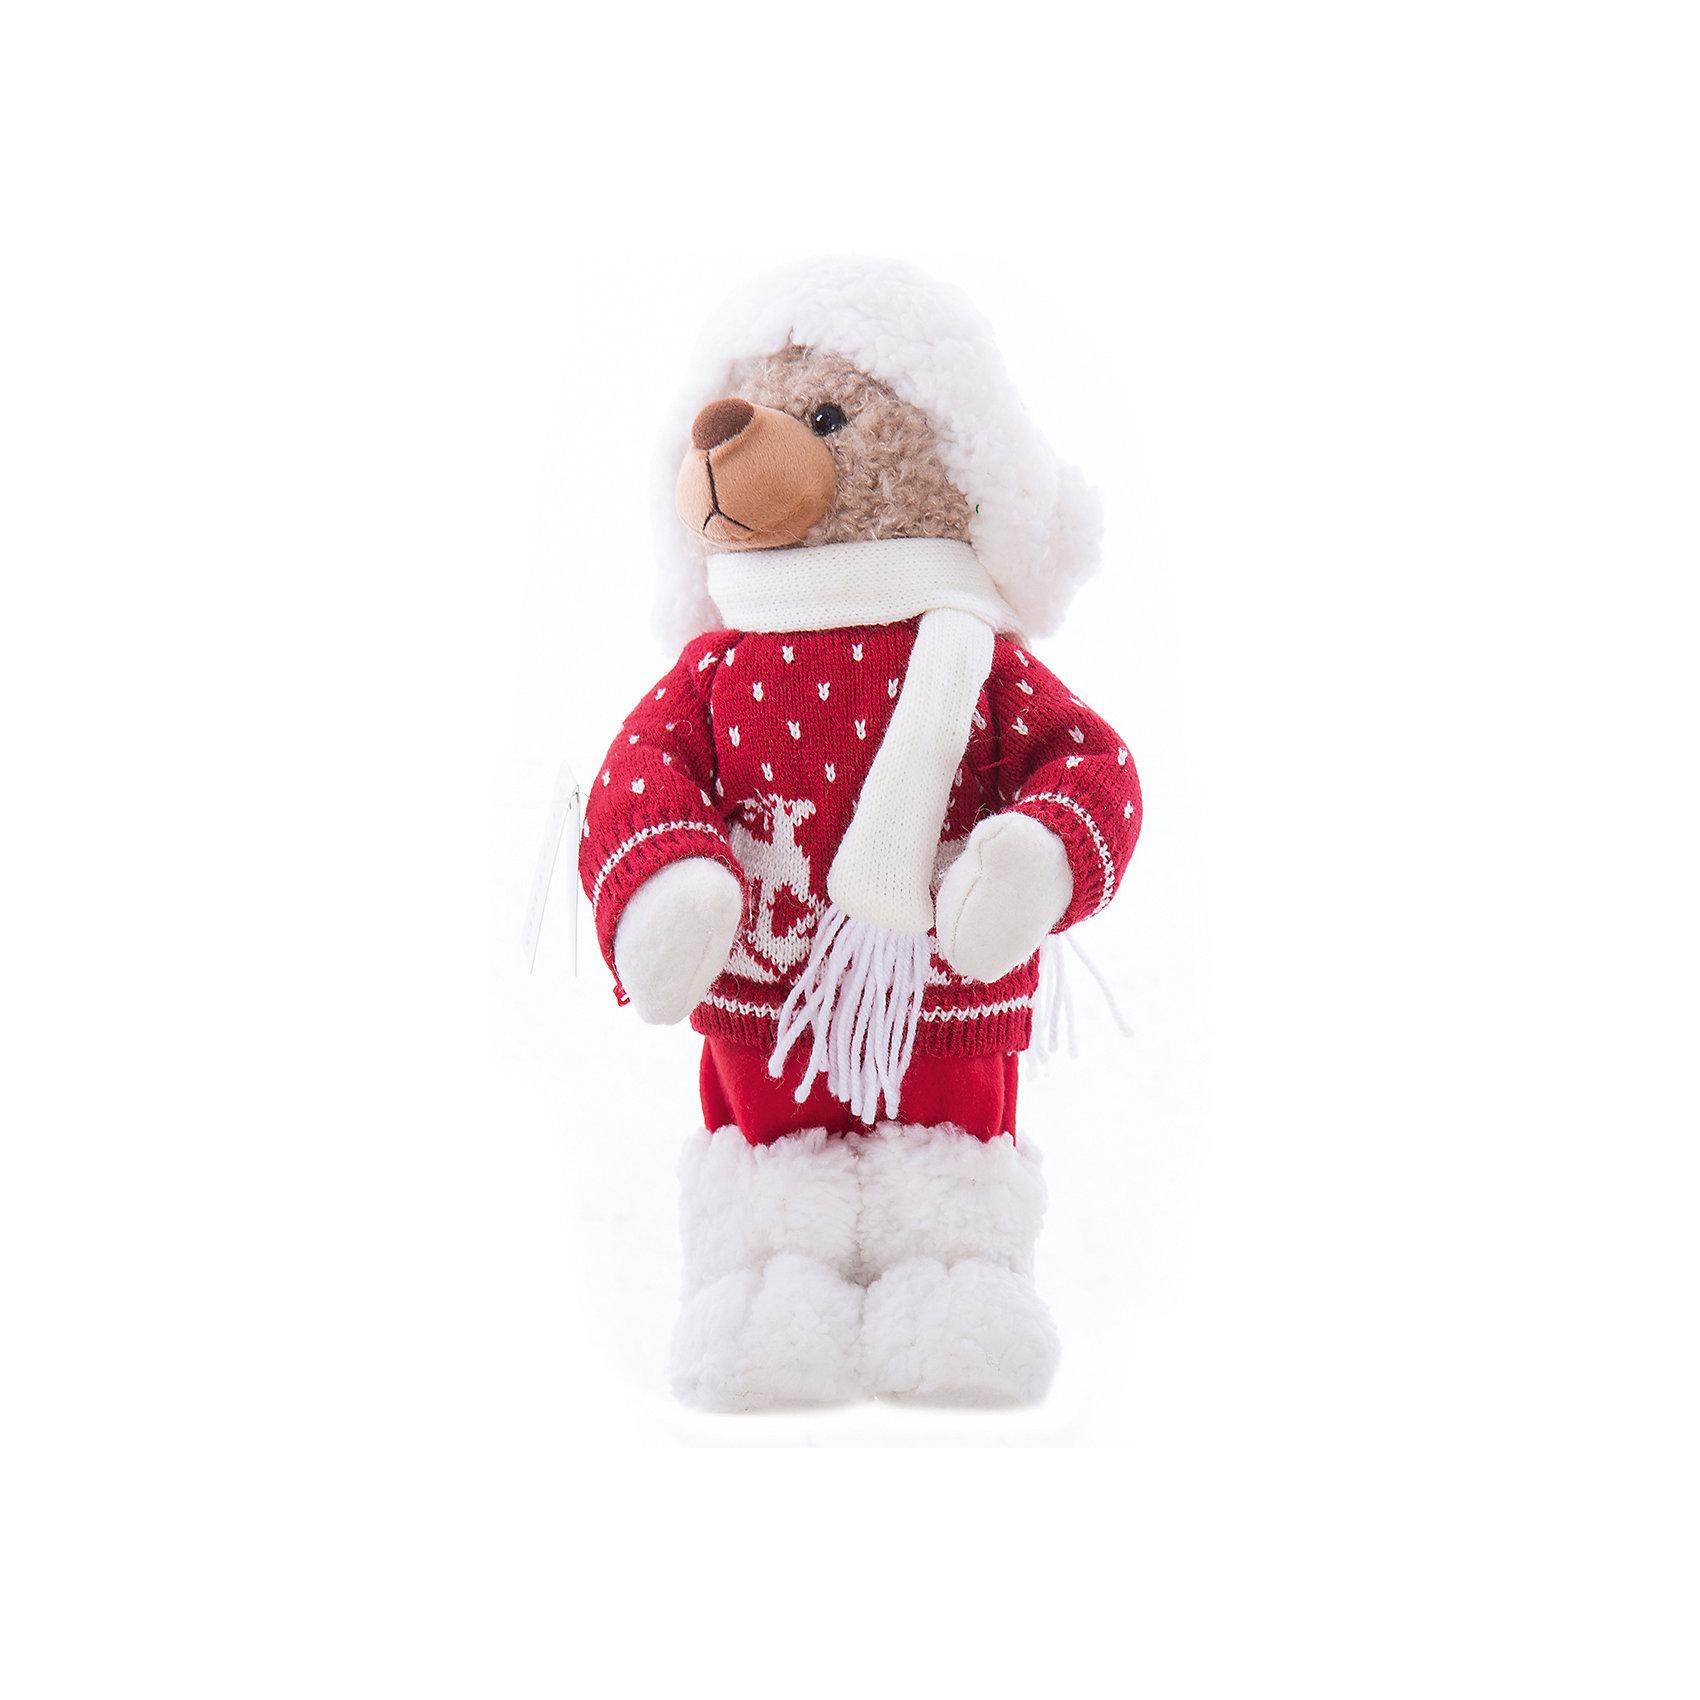 Интерьерная кукла Мишка C21-161143, EstroПредметы интерьера<br>Характеристики интерьерной куклы:<br><br>- состав: полиэстер, пластик, текстиль<br>- габариты предмета: 55* 20 * 20 см <br>- комплектация: игрушка<br>- тип игрушки: животные<br>- вид упаковки: коробка<br>- возрастные ограничения: 3+<br>- бренд: Estro <br>- страна бренда: Италия<br>- страна производитель: Китай<br><br>Интерьерная кукла медвежонок в зимнем наряде торговой марки Estro непременно украсит Ваш дом в зимние праздники и будет приятным воспоминанием о них. Оригинальный дизайн и красочное исполнение создадут атмосферу праздника. Кукла медвежонок создана вручную, неповторима и оригинальна. Порадуйте своих друзей и близких этим замечательным подарком!<br><br>Интерьерную куклу медвежонок итальянской торговой марки Estro можно купить в нашем интернет-магазине.<br><br>Ширина мм: 150<br>Глубина мм: 150<br>Высота мм: 400<br>Вес г: 391<br>Возраст от месяцев: 36<br>Возраст до месяцев: 1188<br>Пол: Унисекс<br>Возраст: Детский<br>SKU: 5356636